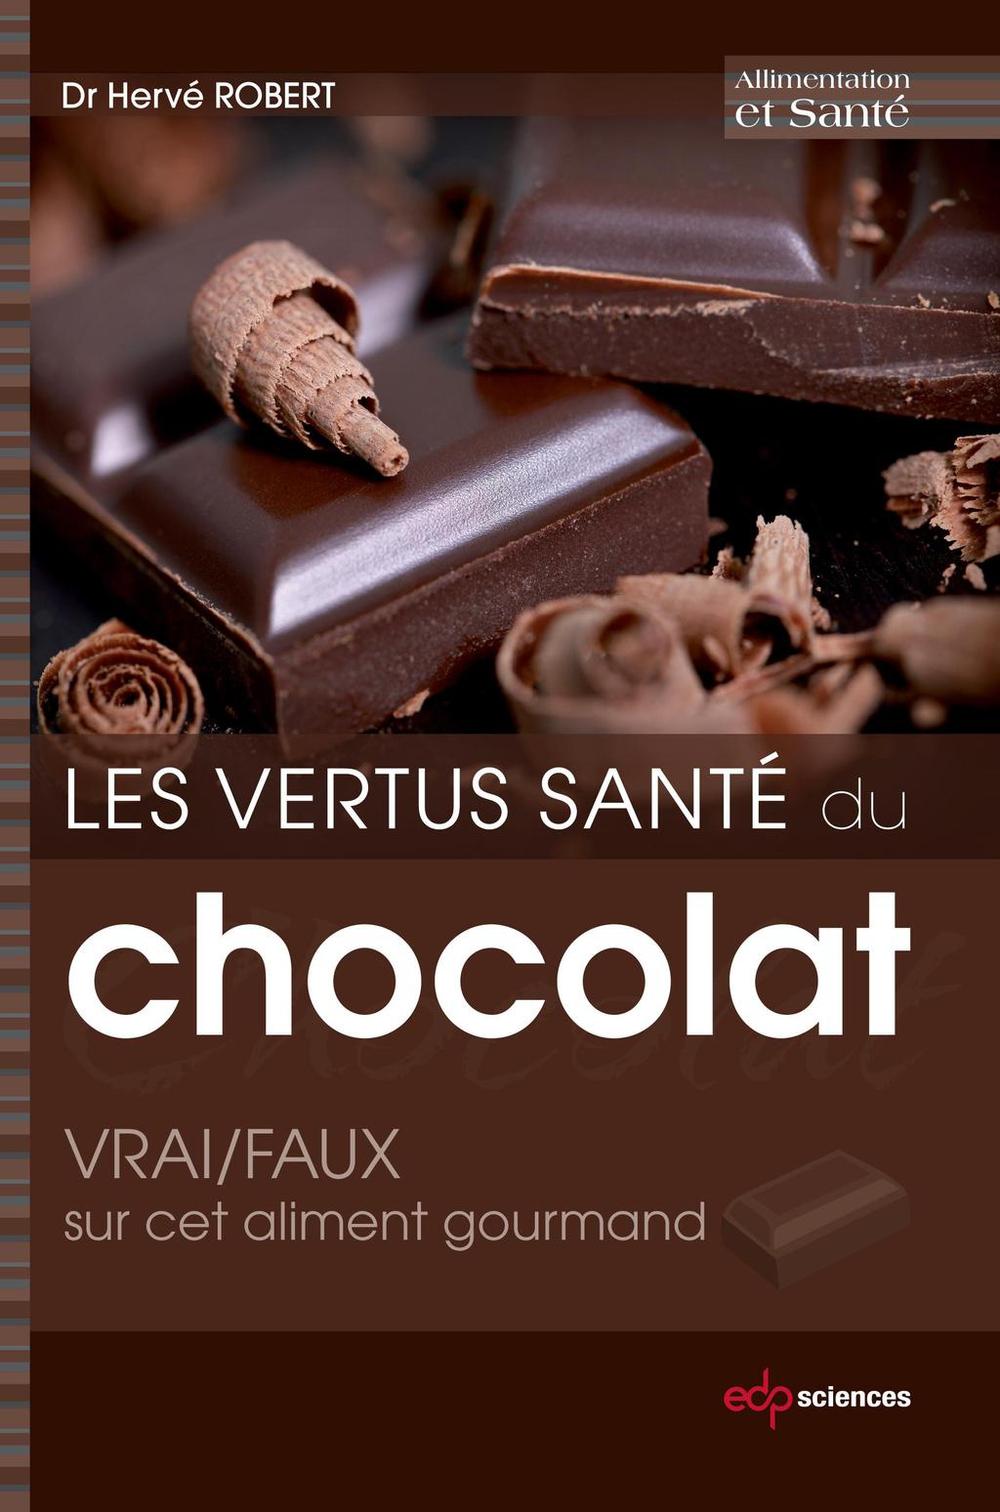 Les vertus santé du chocolat: VRAI/FAUX sur cet aliment gourmand